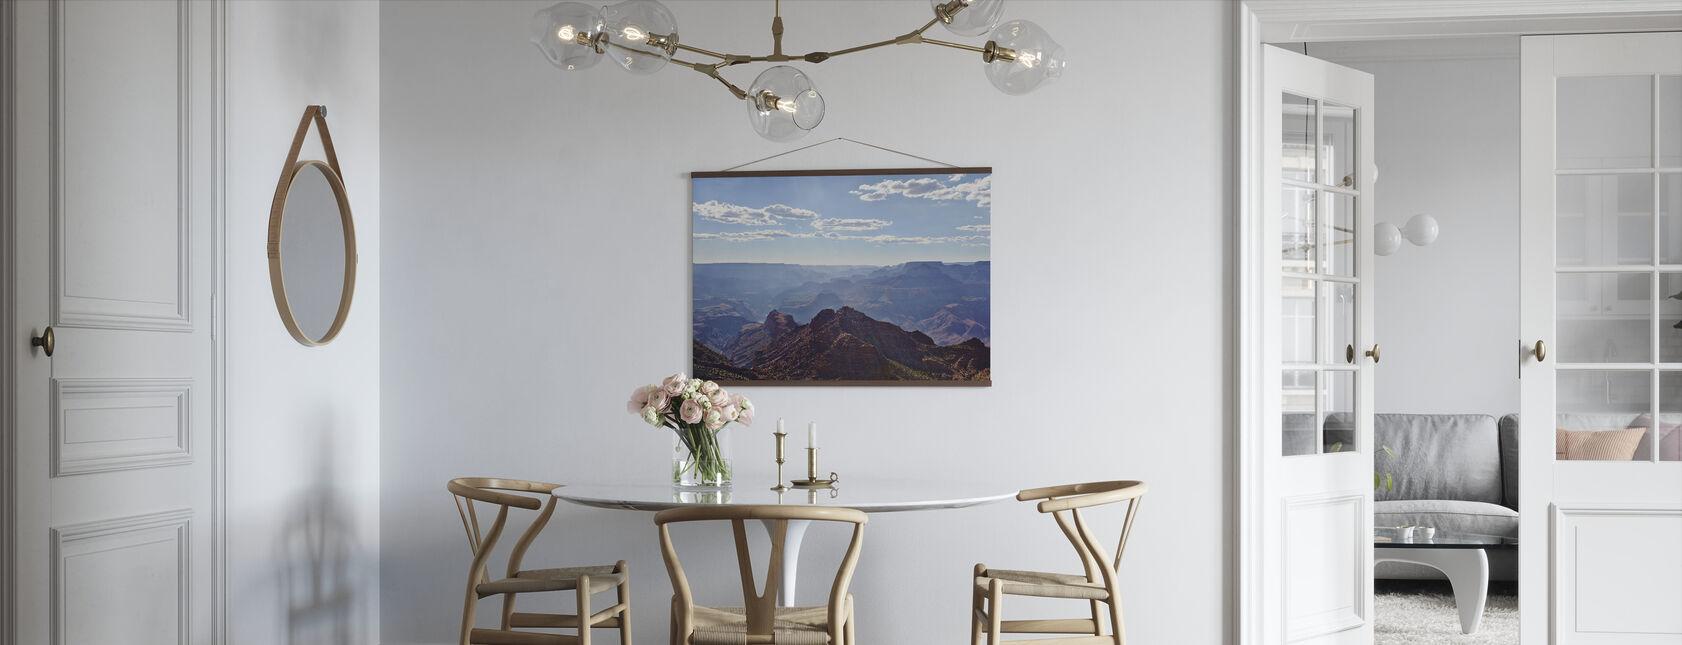 Utsikt över Grand Canyon - Poster - Kök